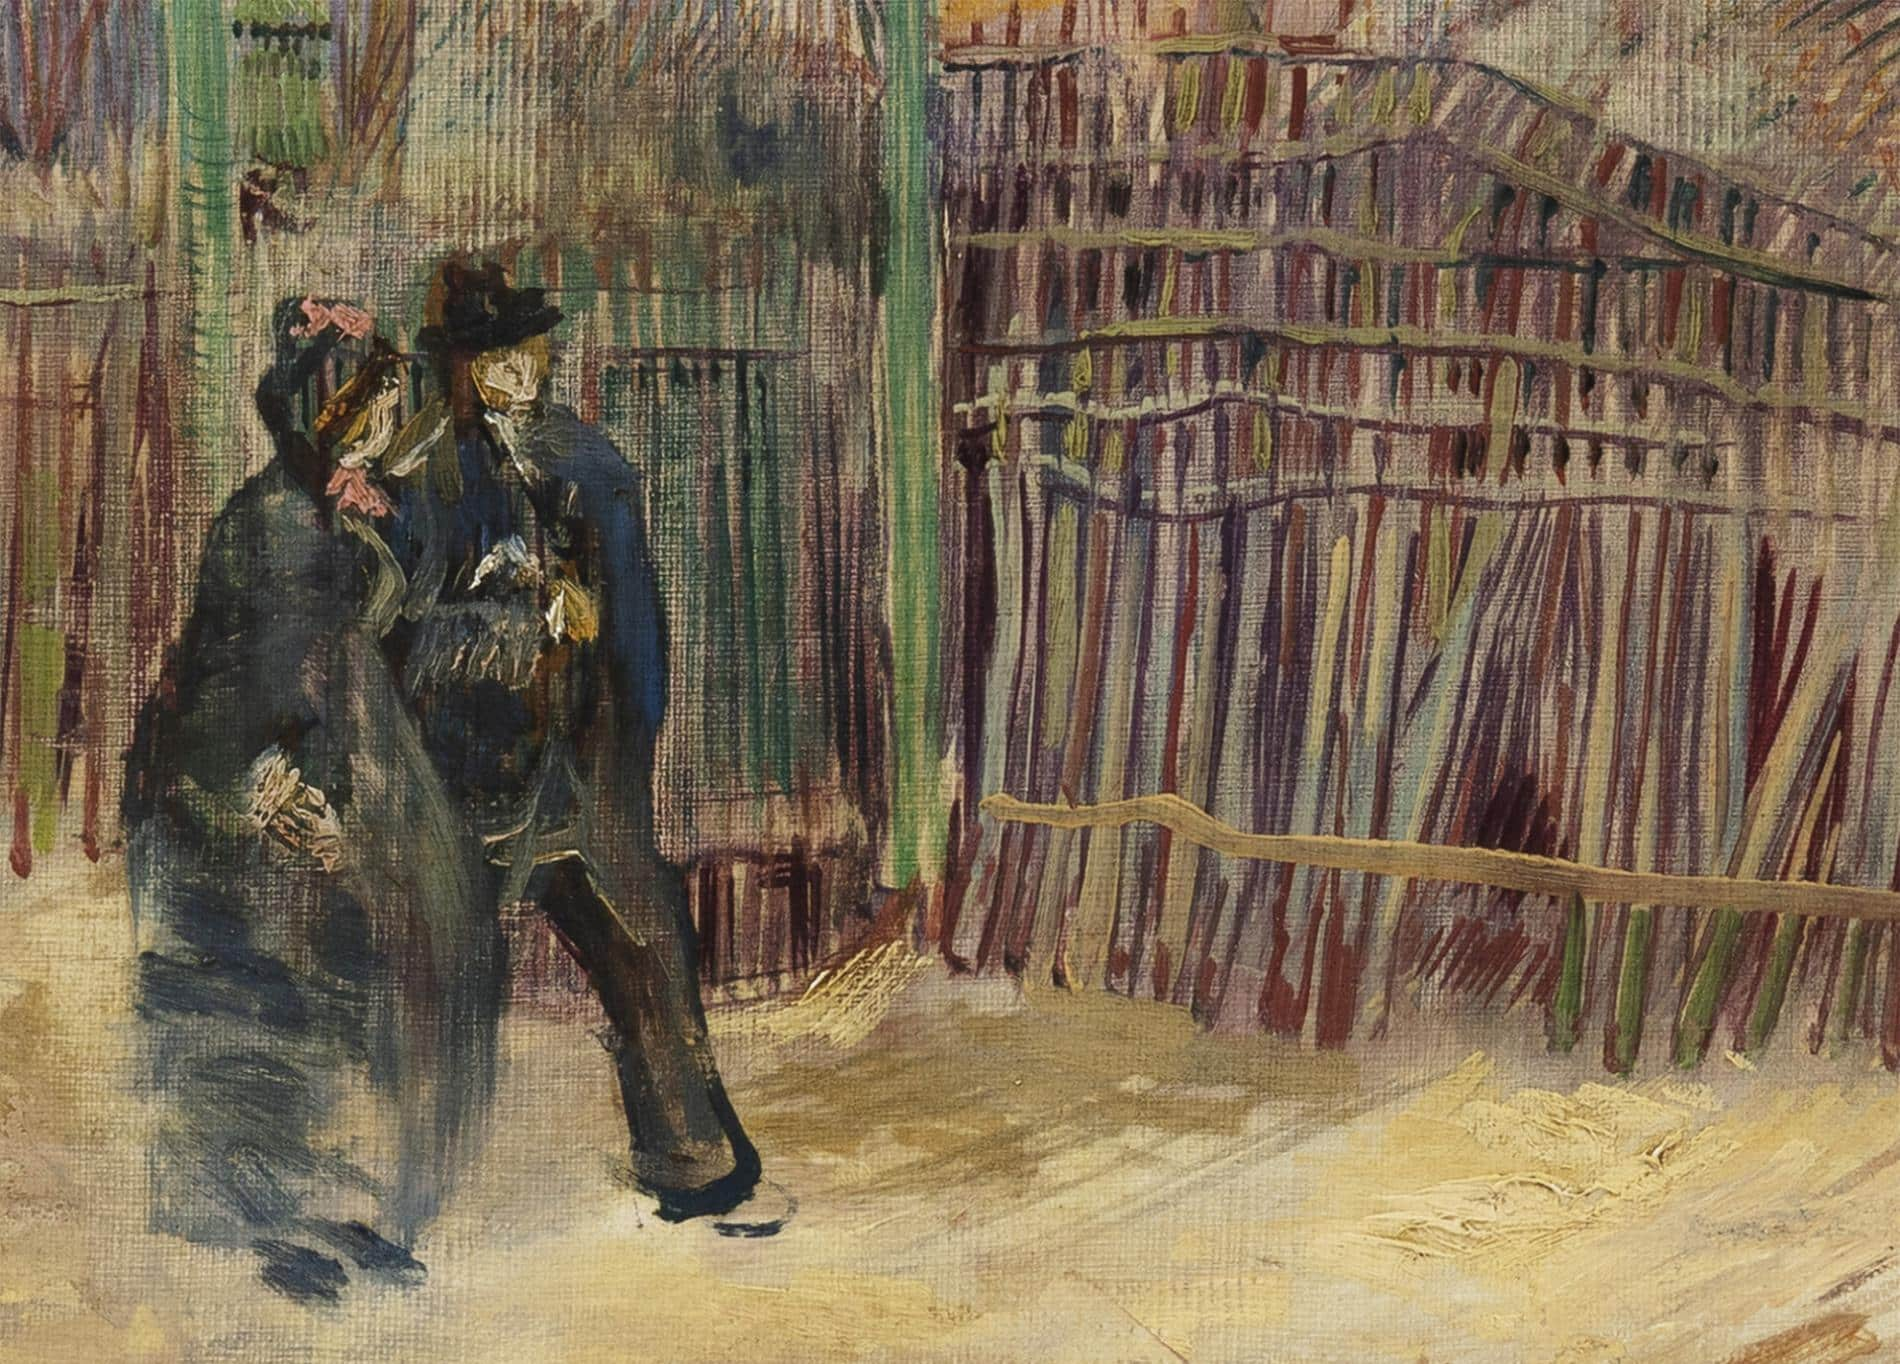 Street scene in Montmartre van goghcdetalle